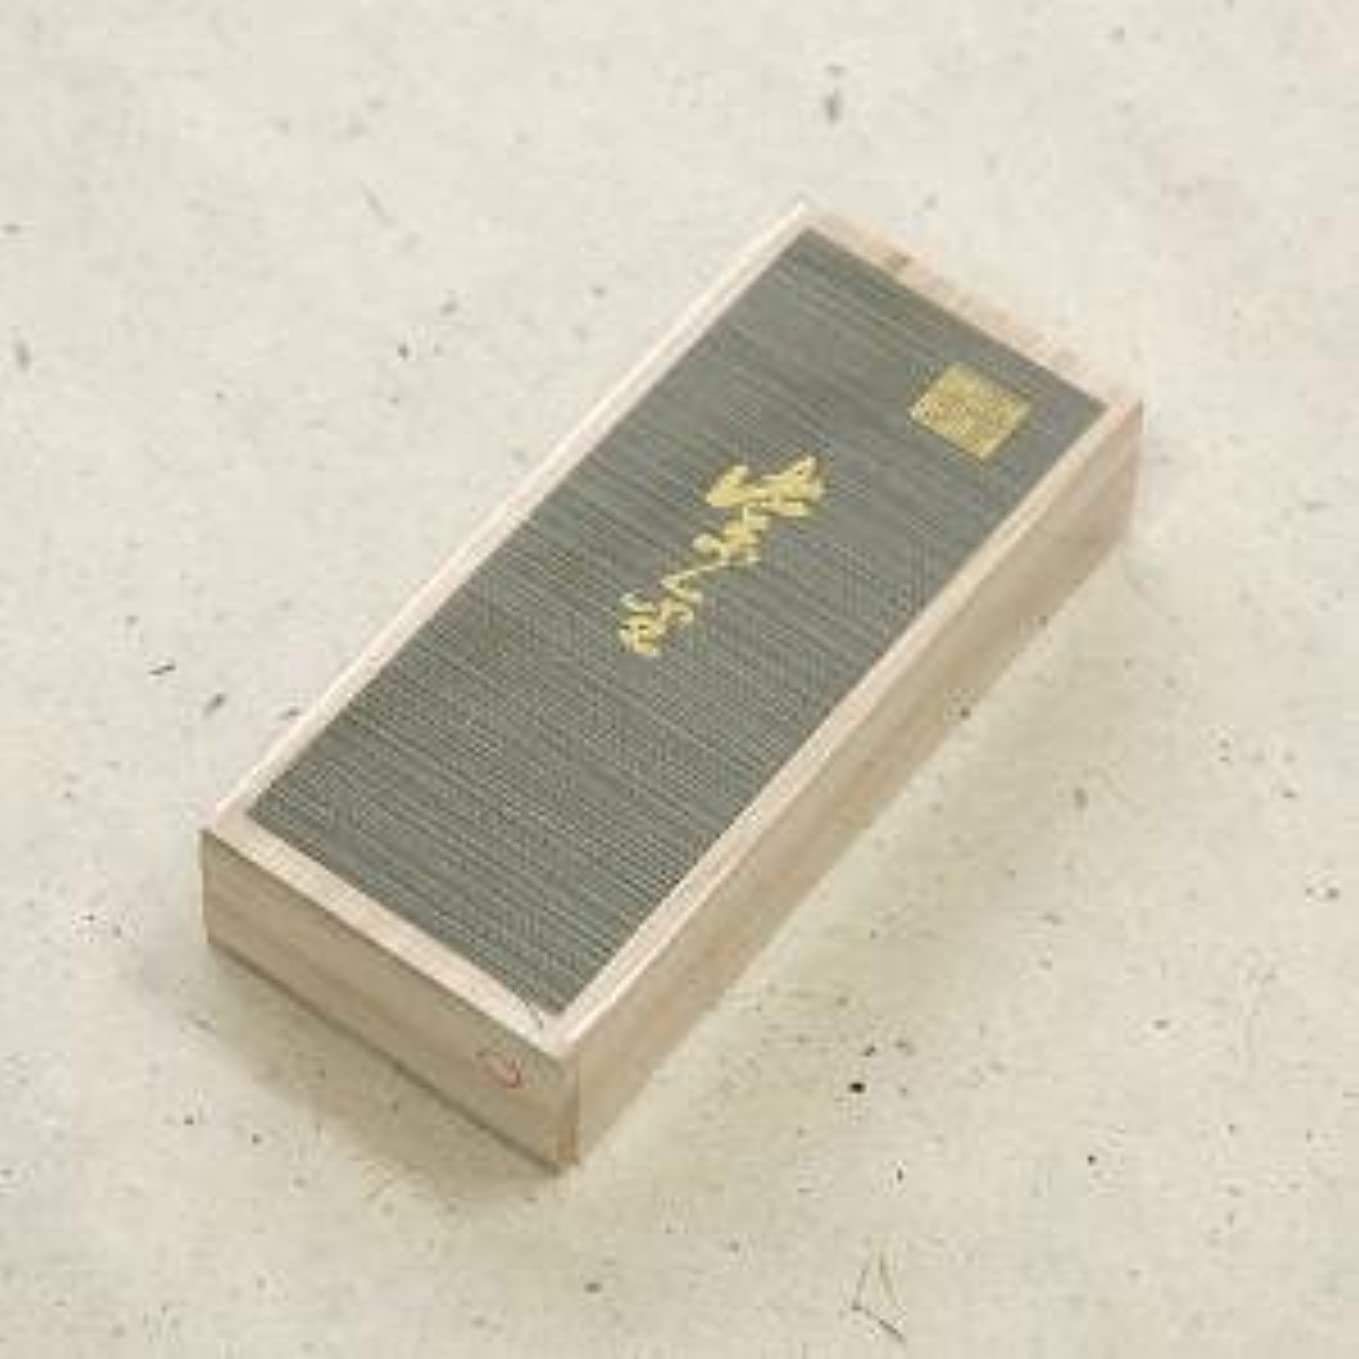 最も遠い宿題をする西Temple Incense Ja Geum (最もNoble )韓国Incense 120 Sticks